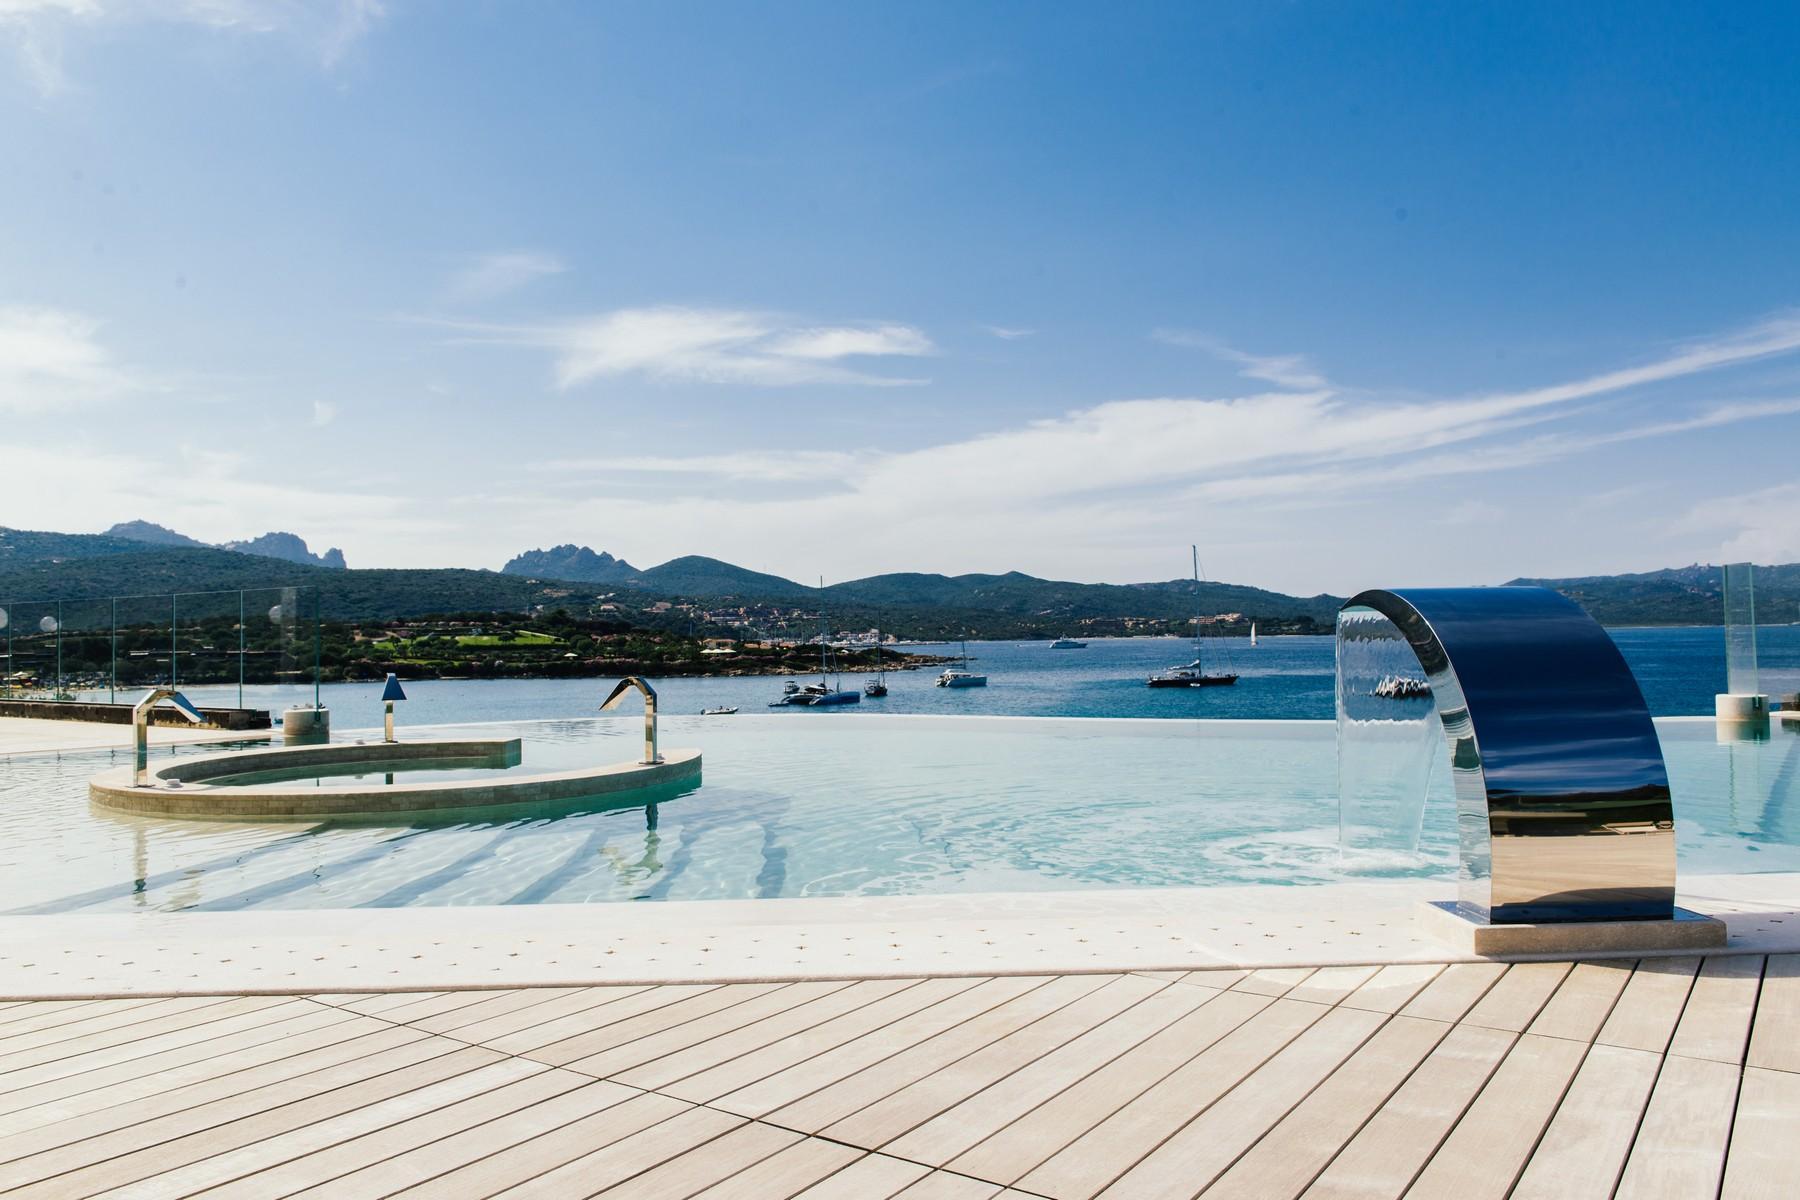 Wunderschöne Villa am Meer an der Costa Smeralda - 5